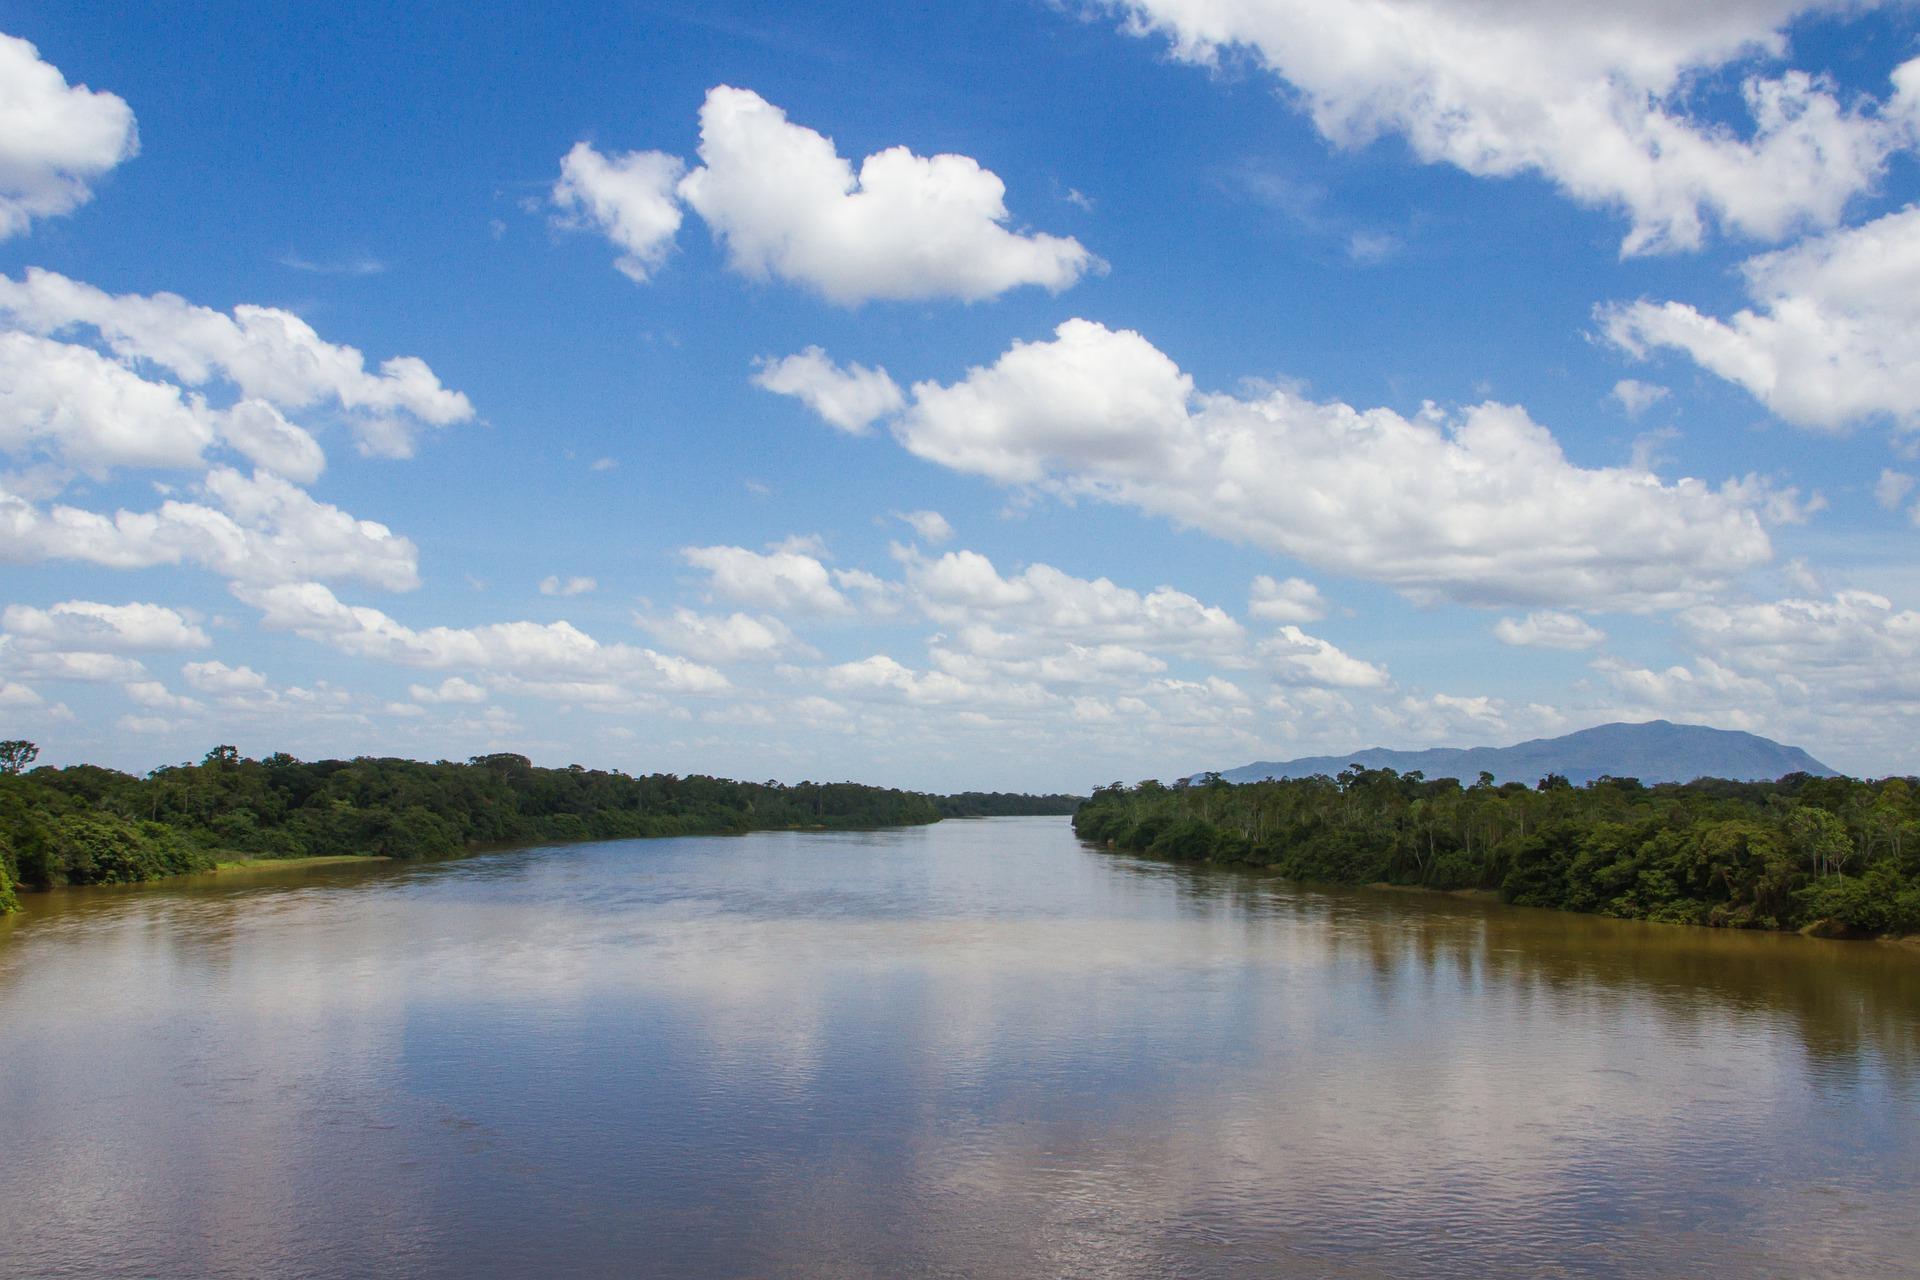 O Congresso propõe debates sobre questões relacionadas à Pan-Amazônia.